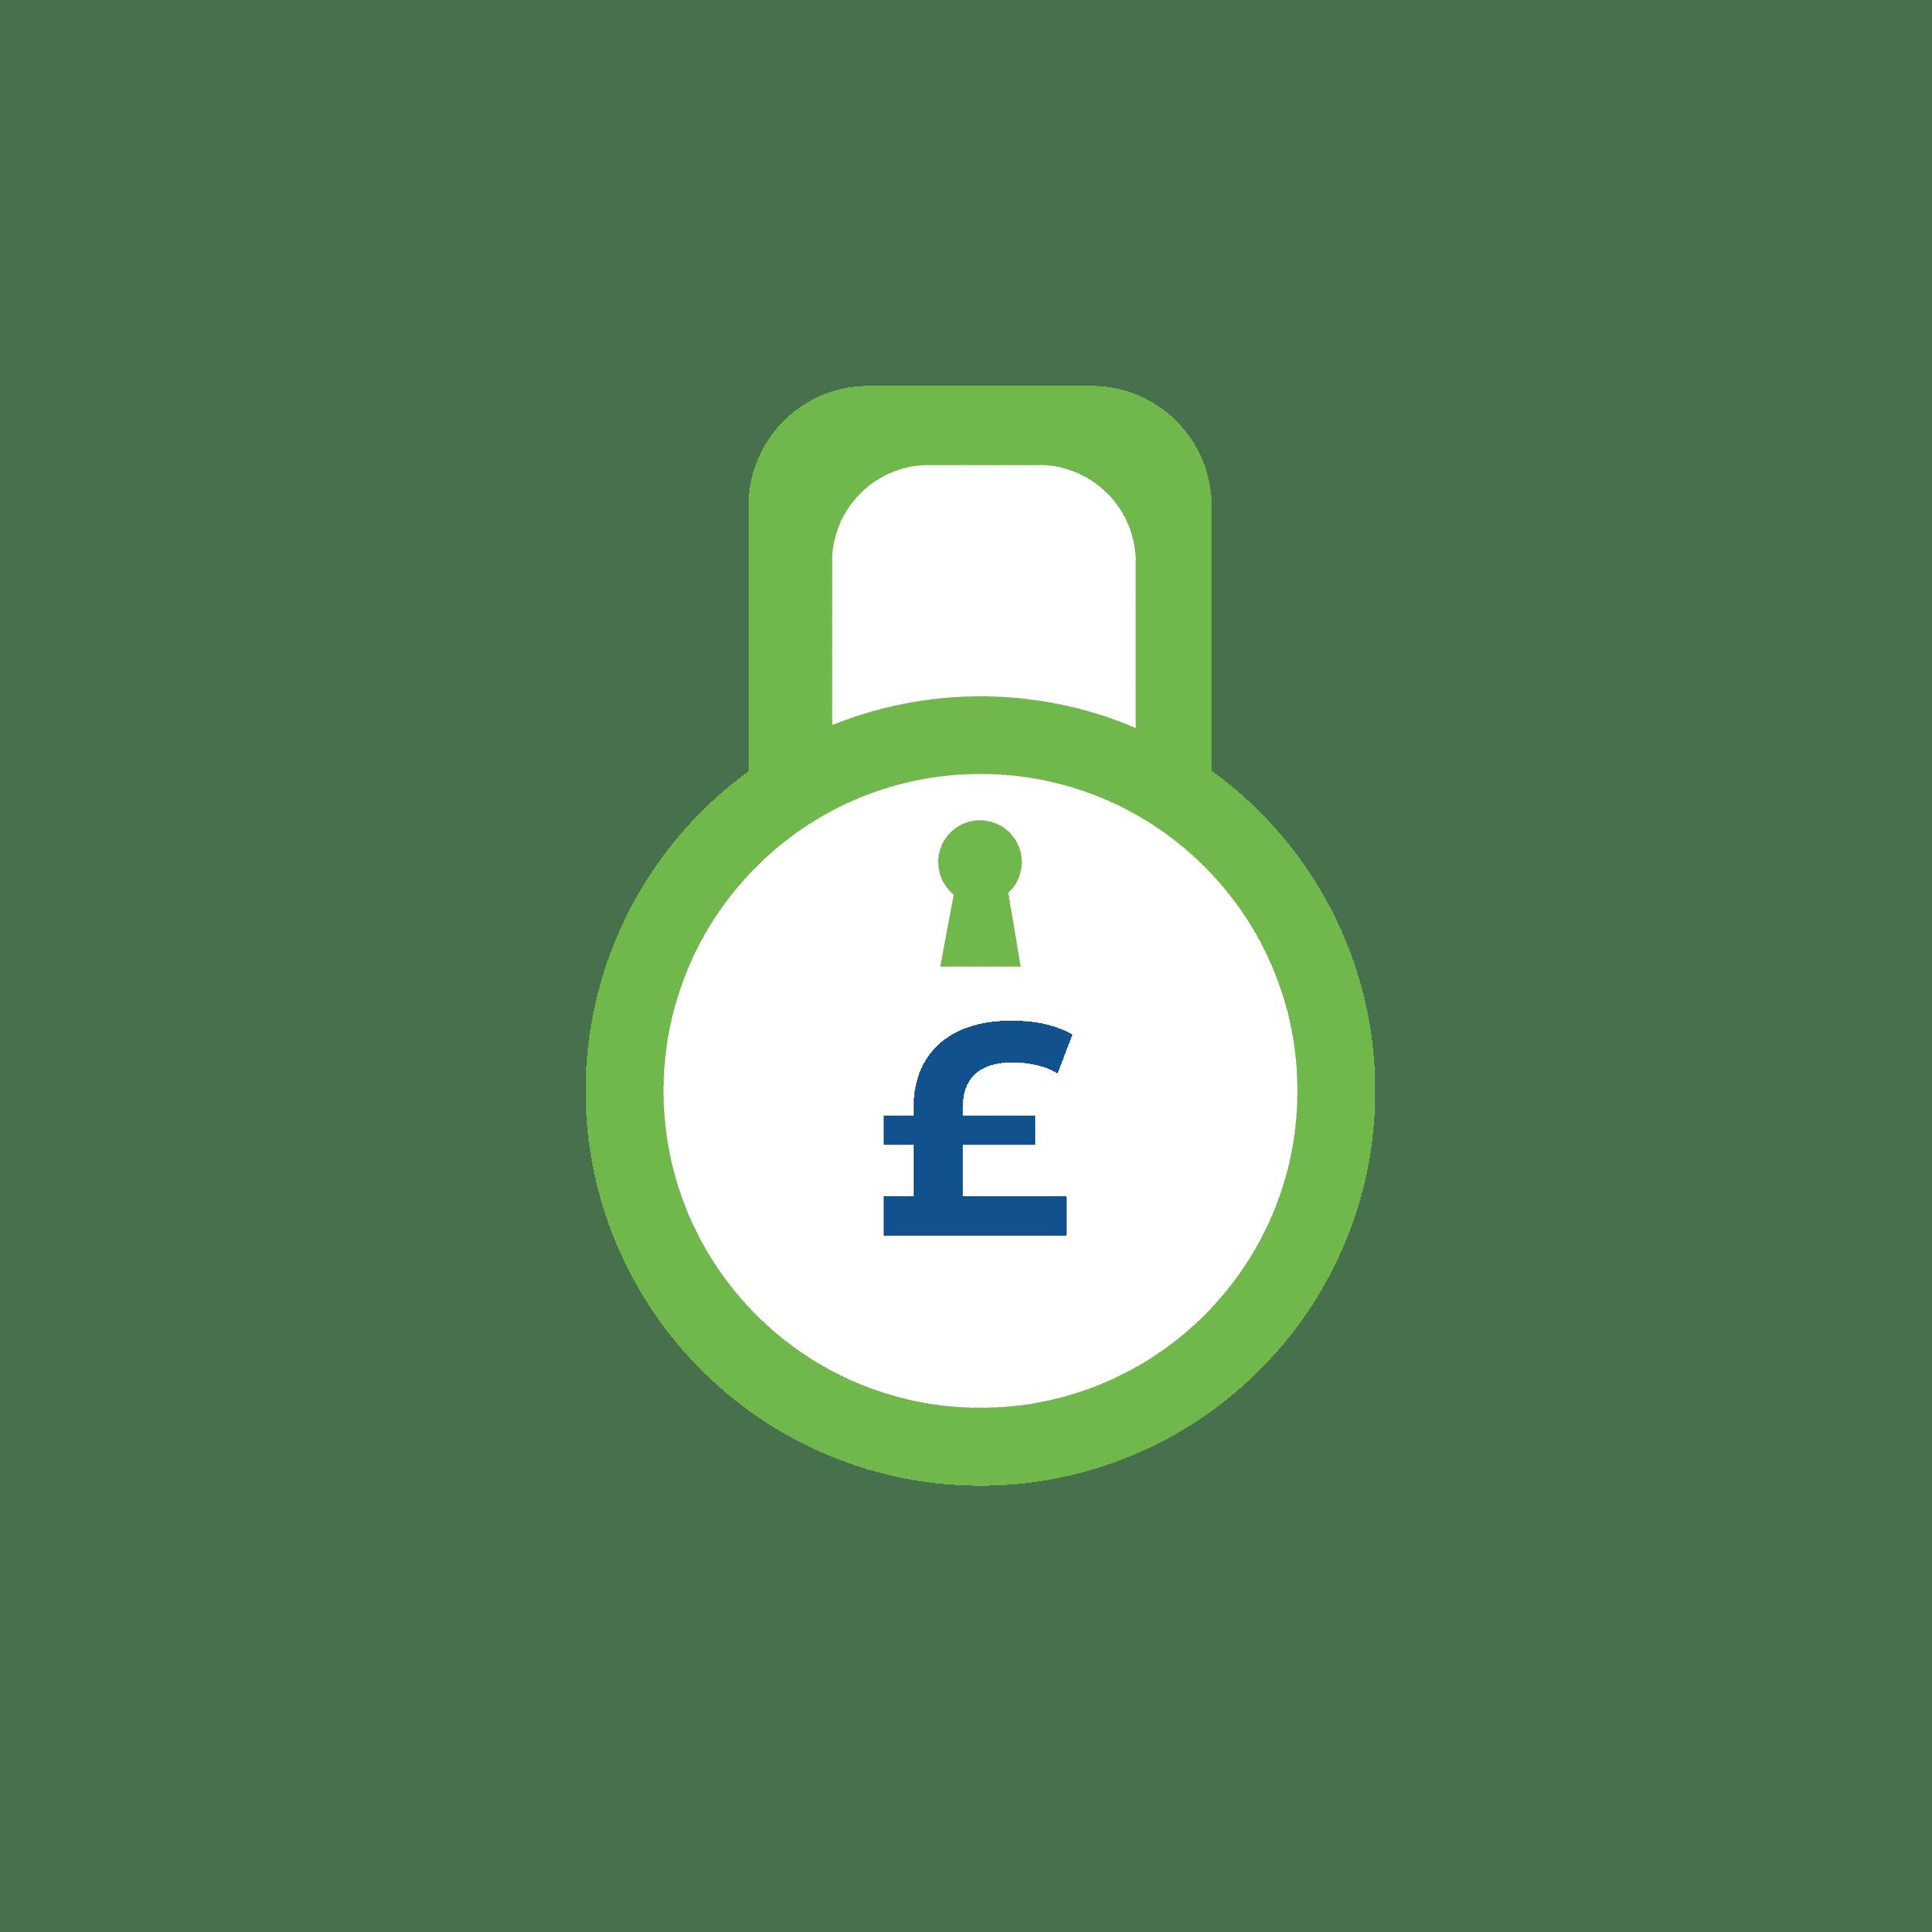 fixed price icon